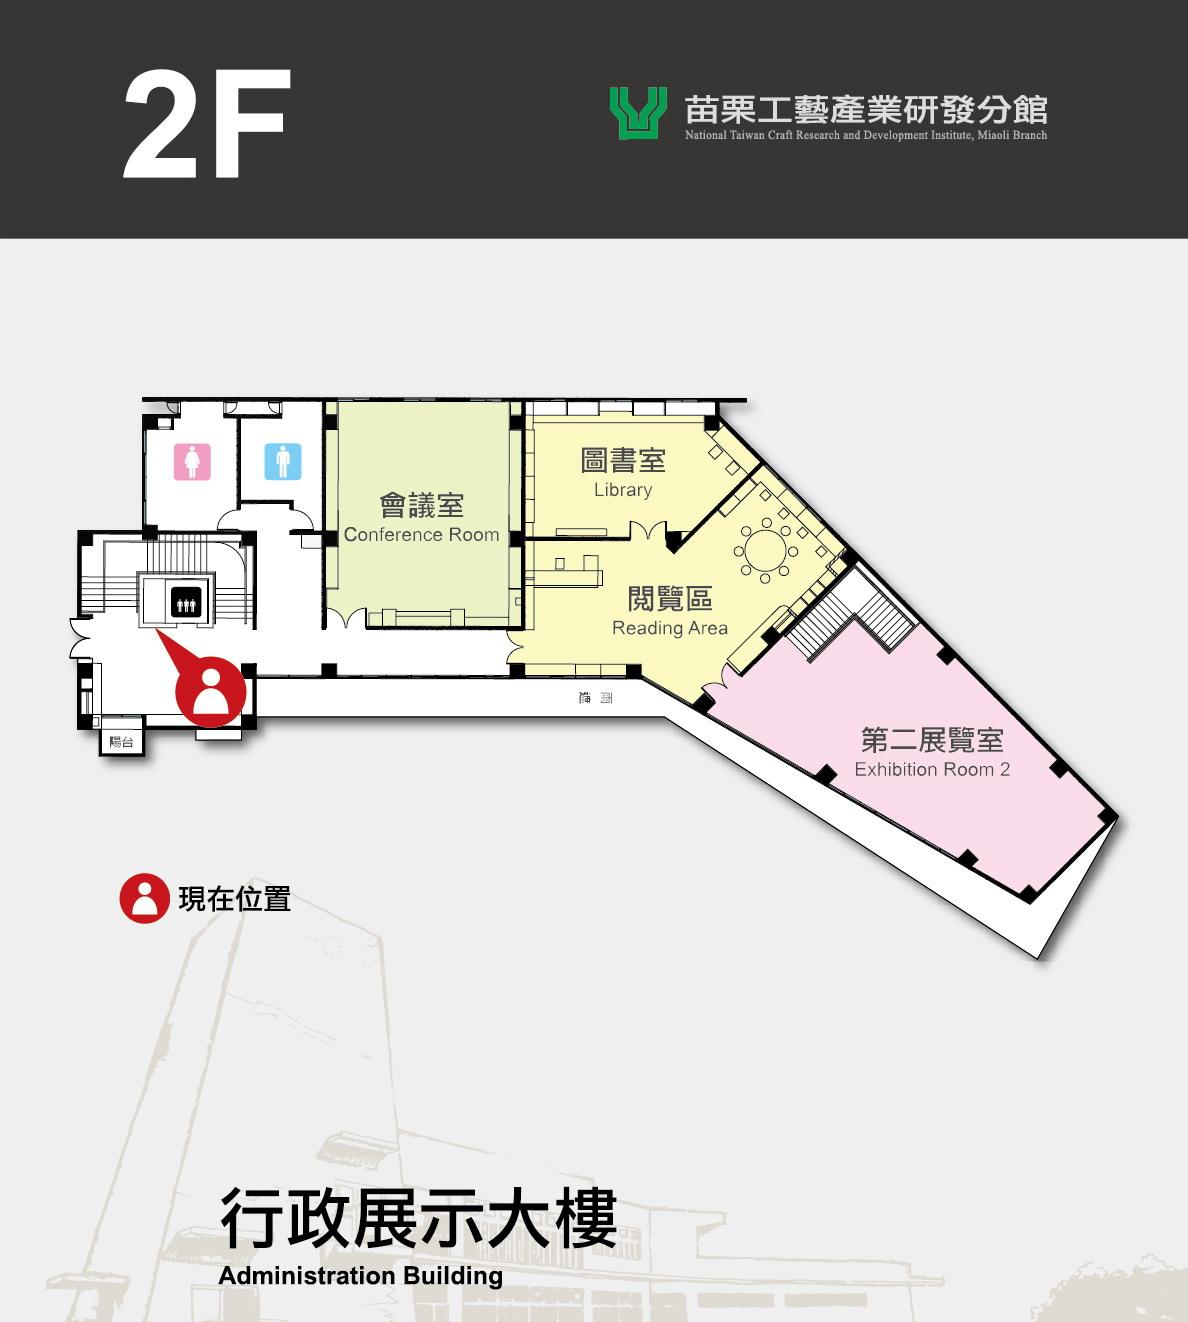 行政展示大樓二樓平面圖